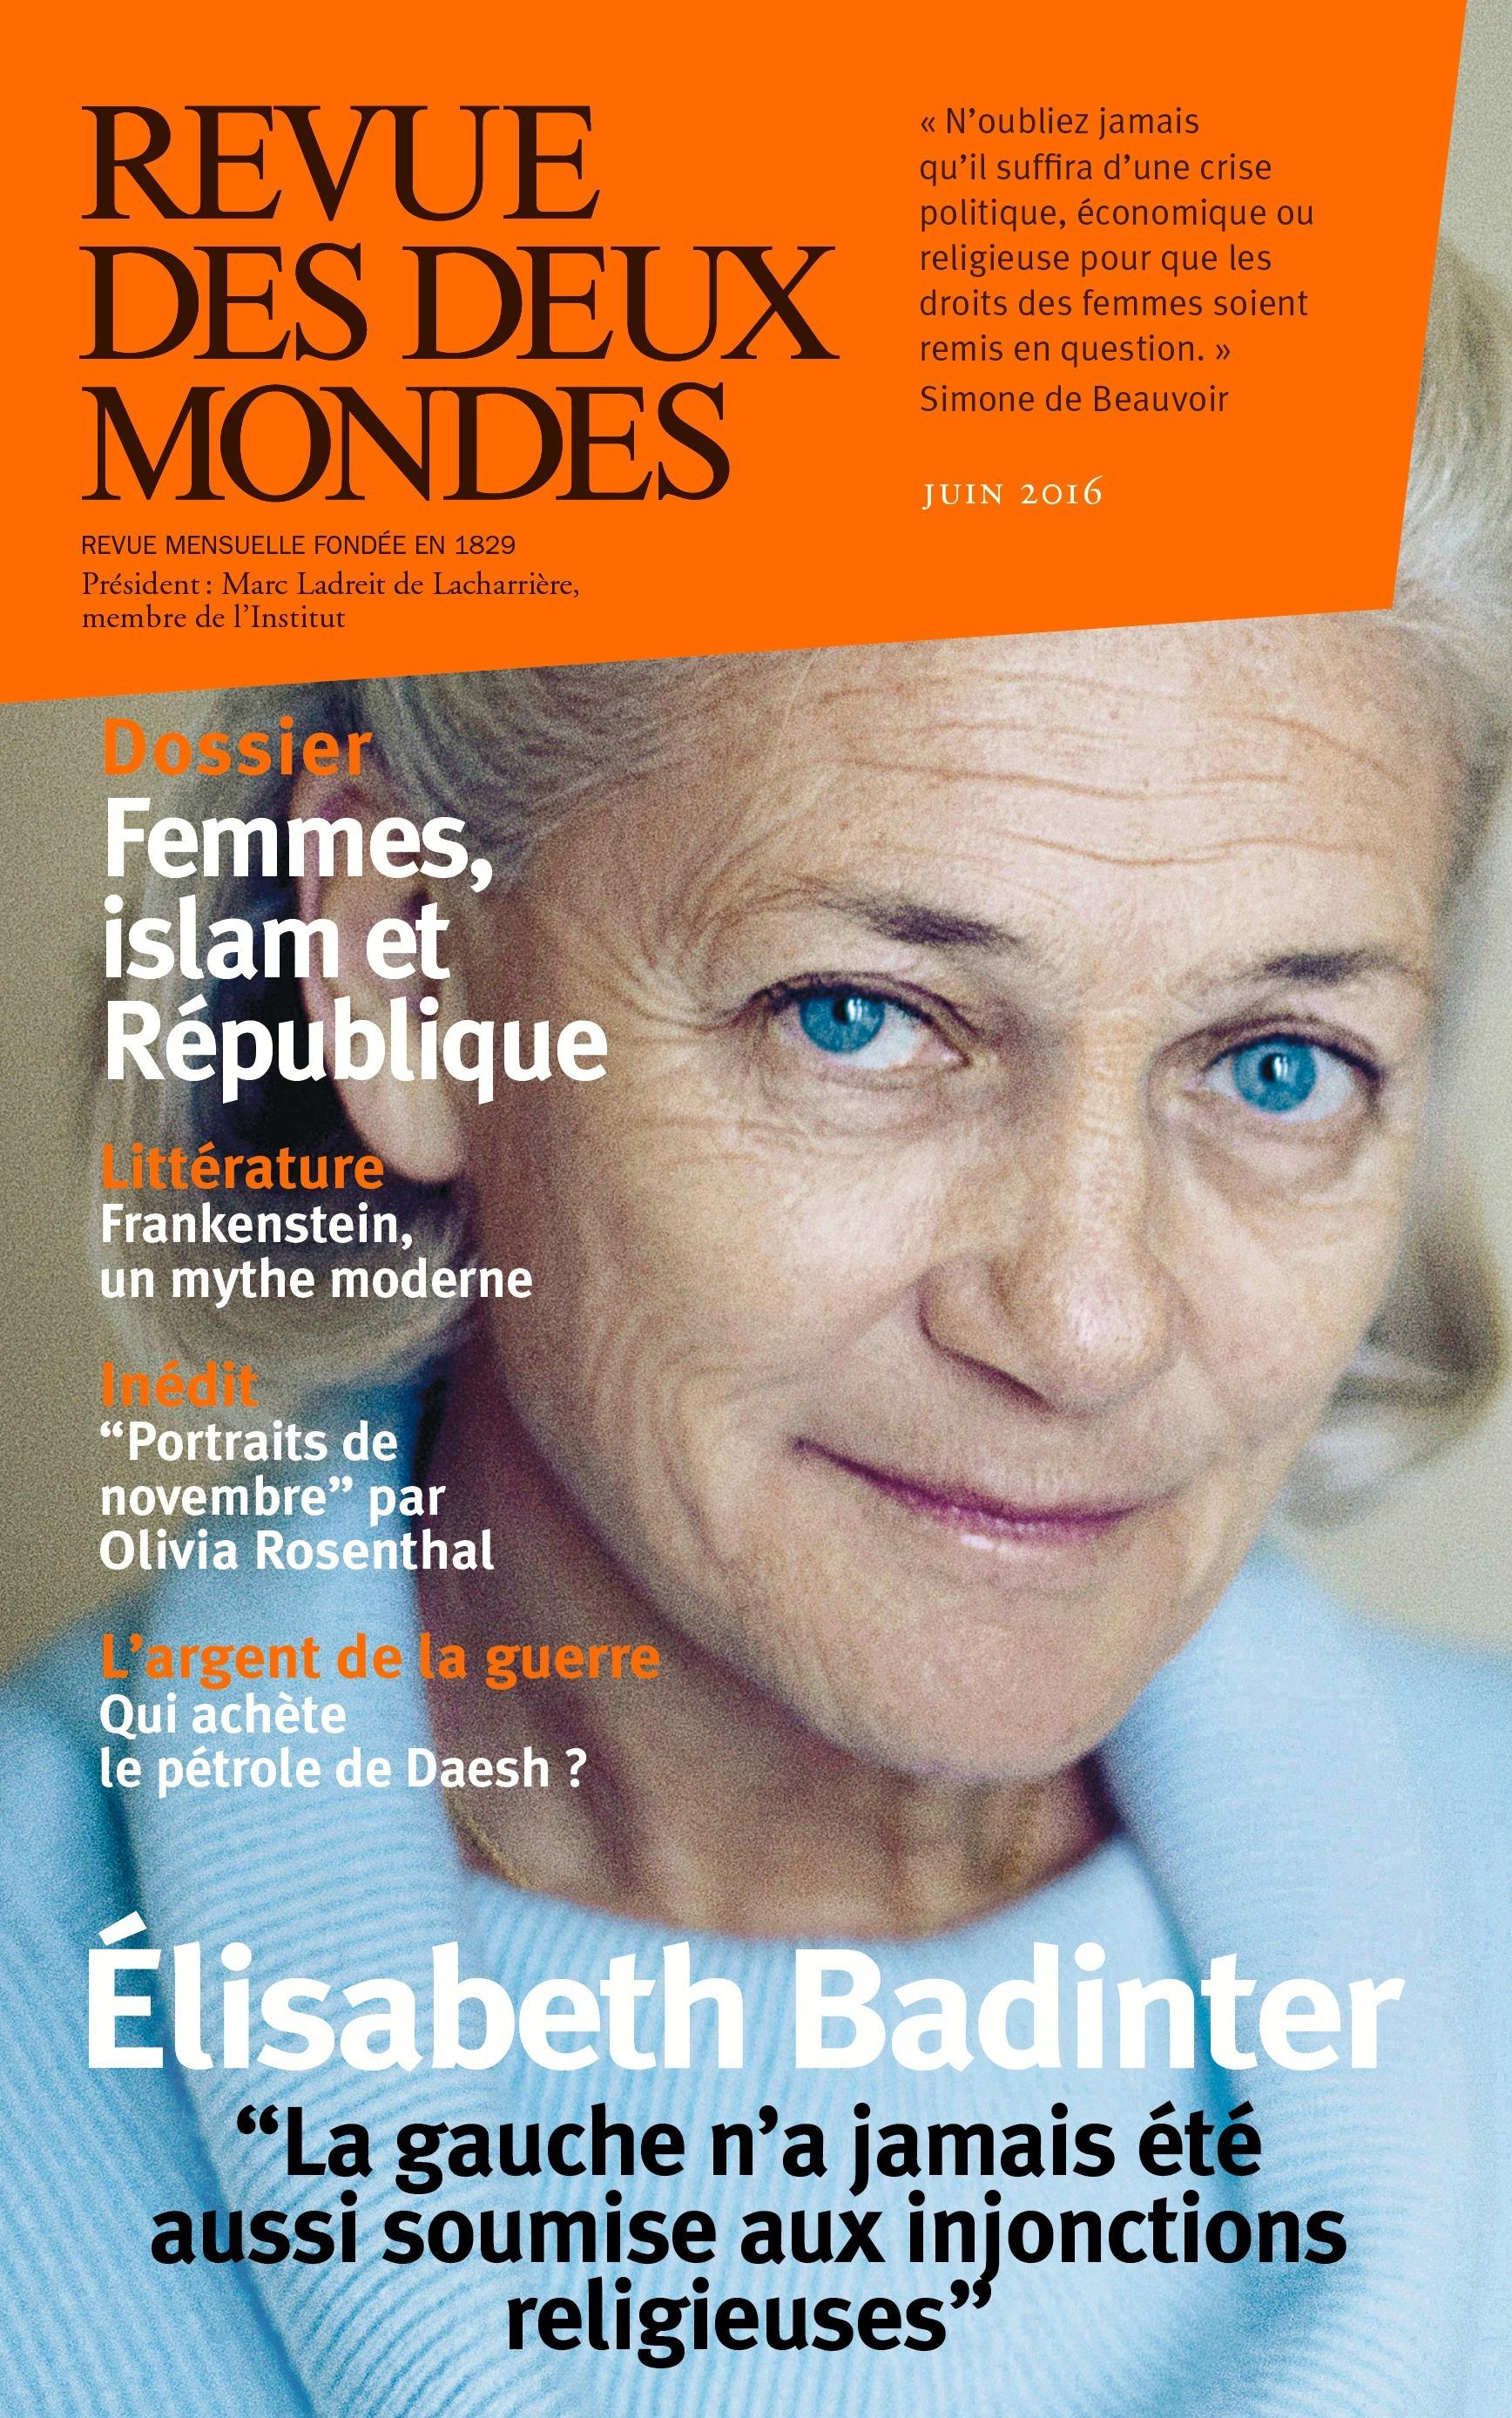 REVUE DES DEUX MONDES ; femmes, islam et République